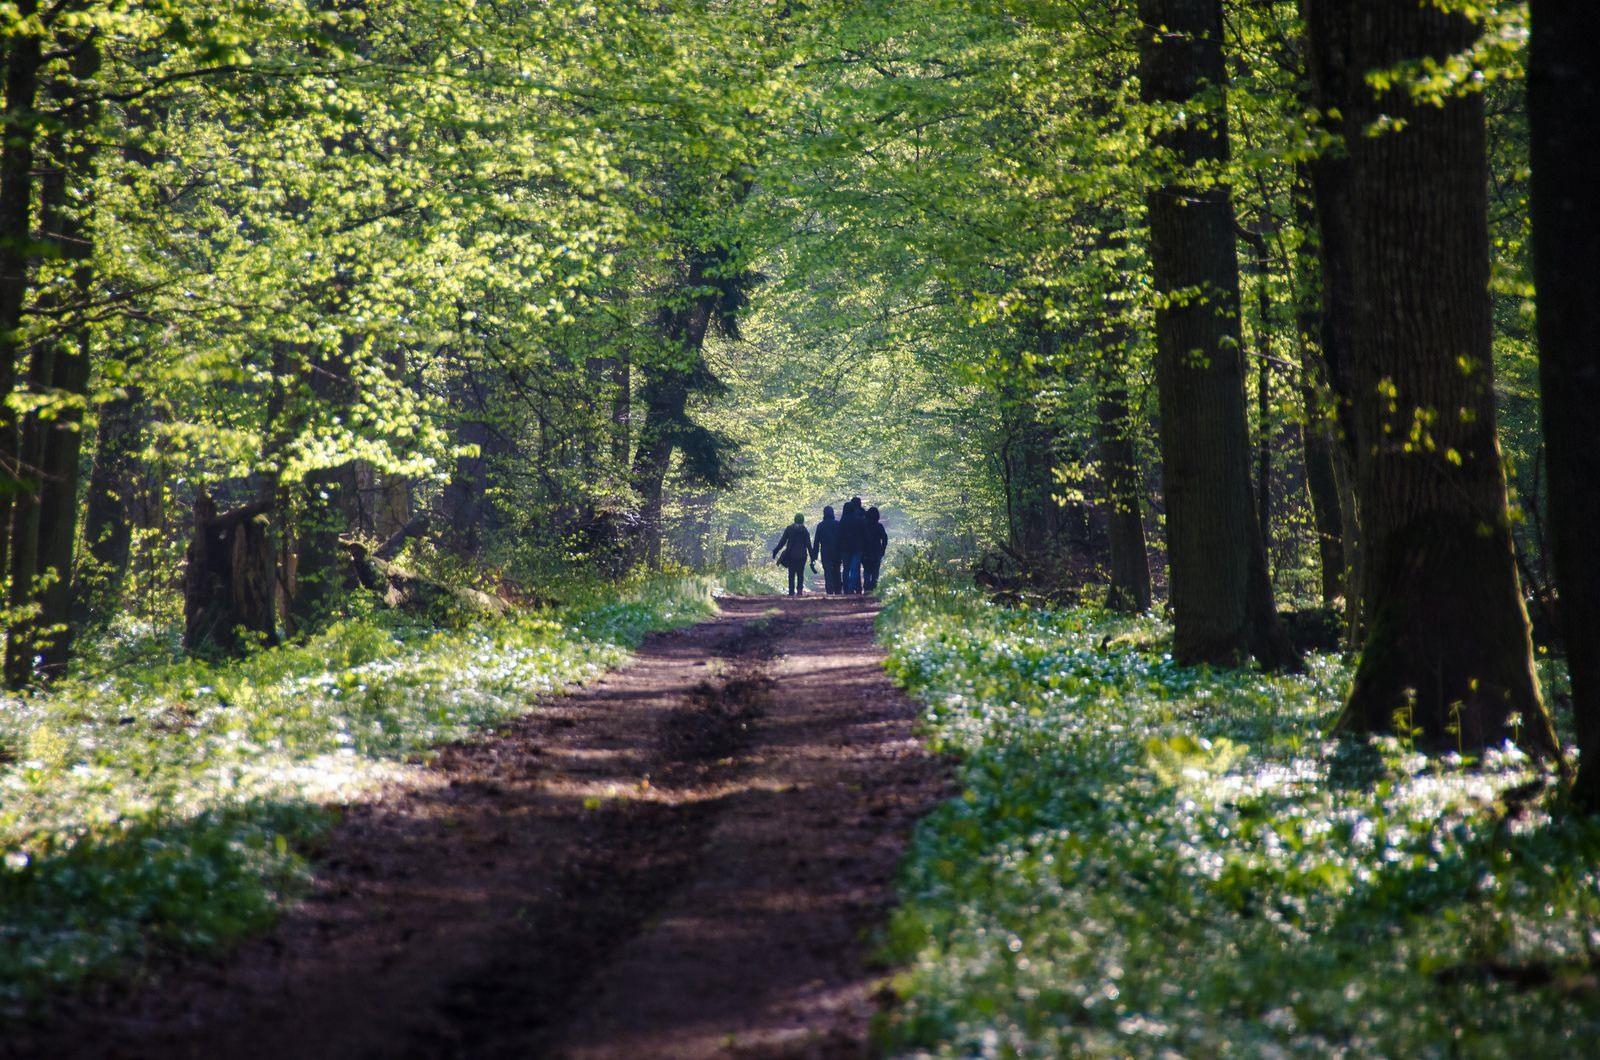 Châu Âu lên kế hoạch trồng 3 tỷ cây xanh vào năm 2030. Ảnh: pinterest